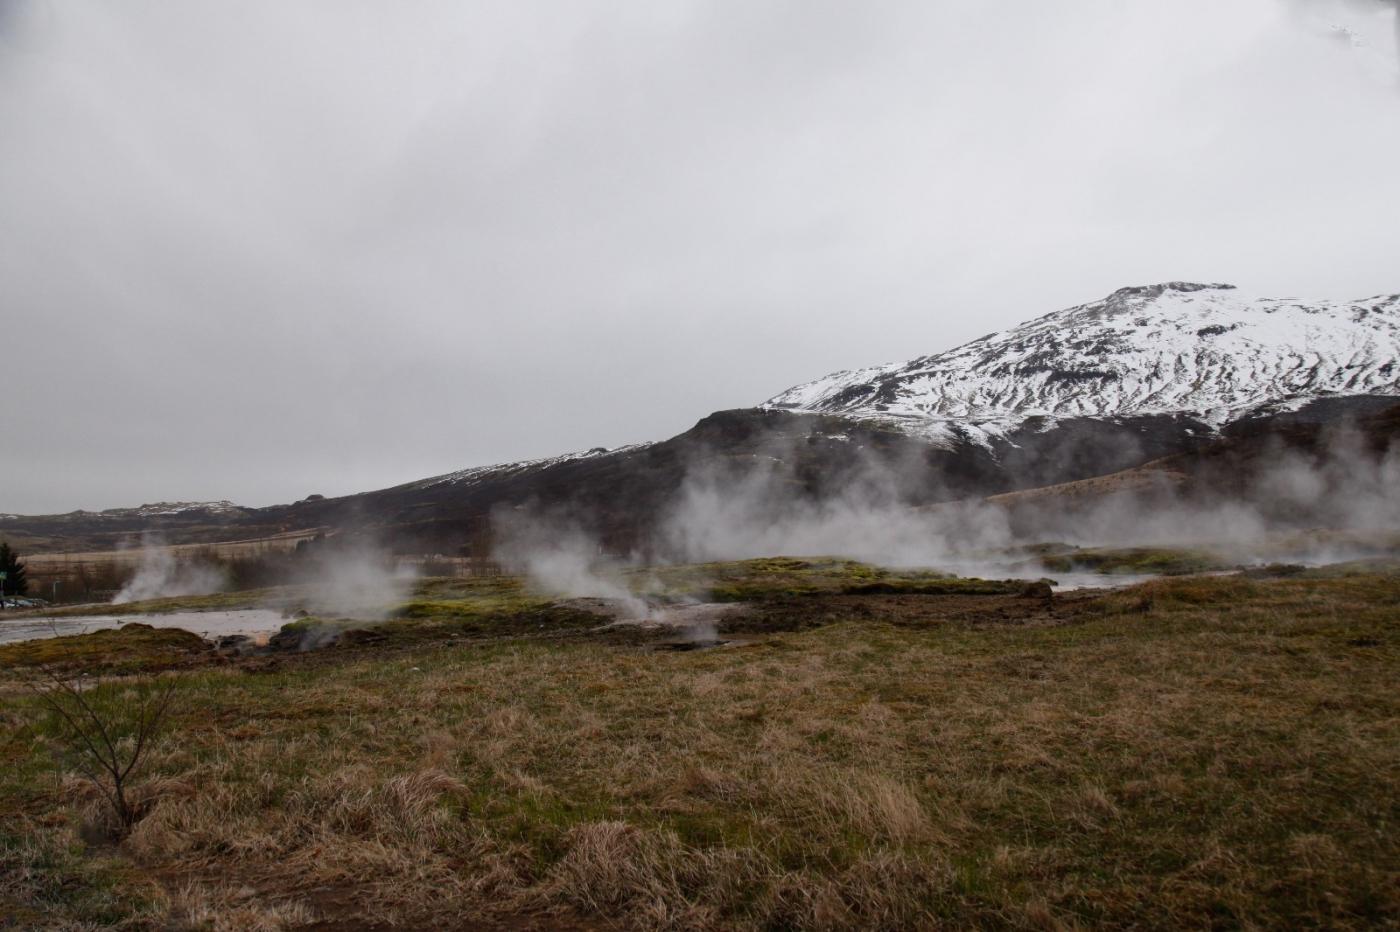 冰岛热带温泉美景,游客流连忘返_图1-13